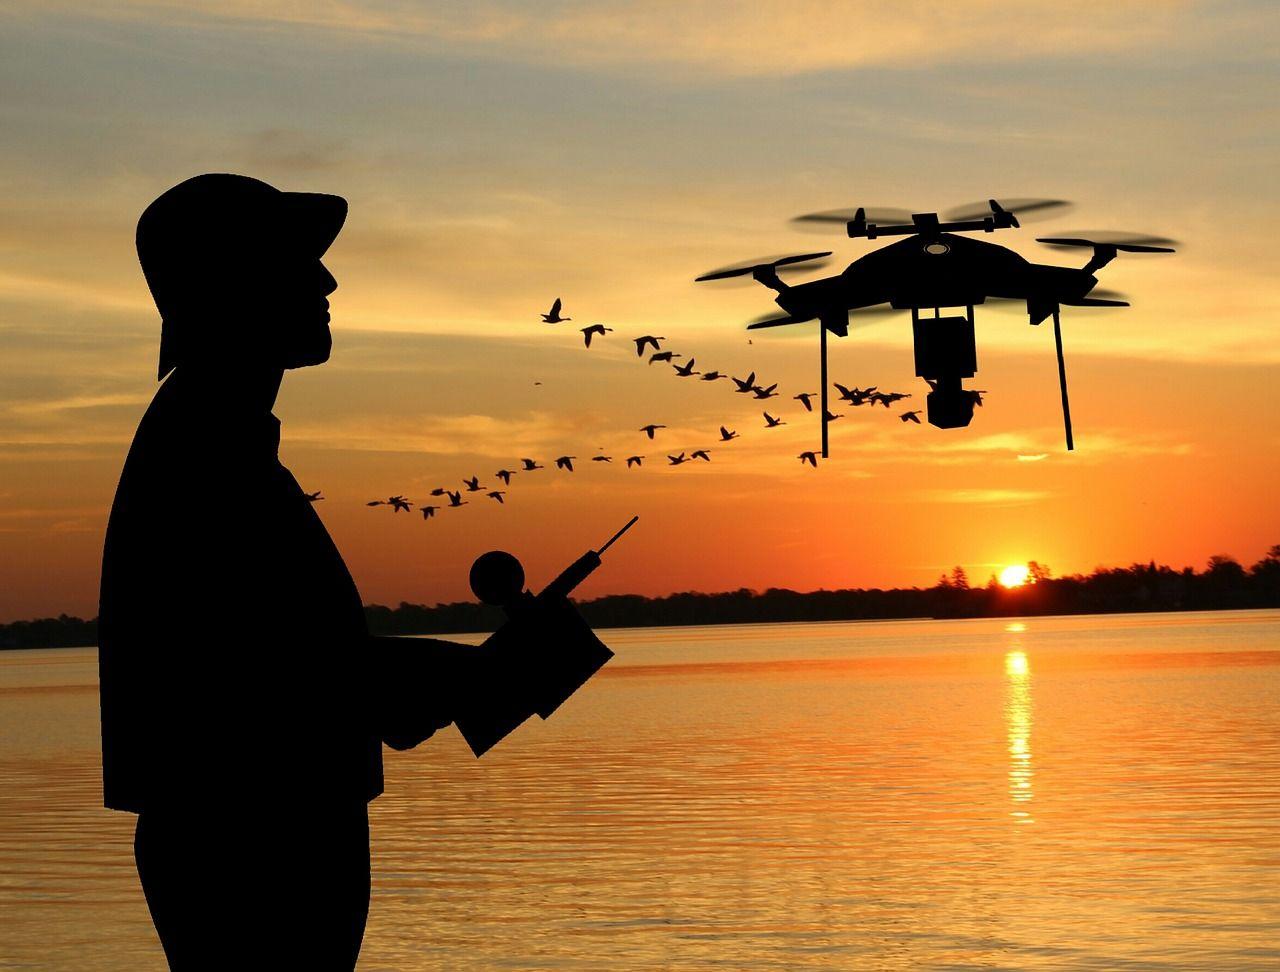 mejores drones por menos de 200 euros